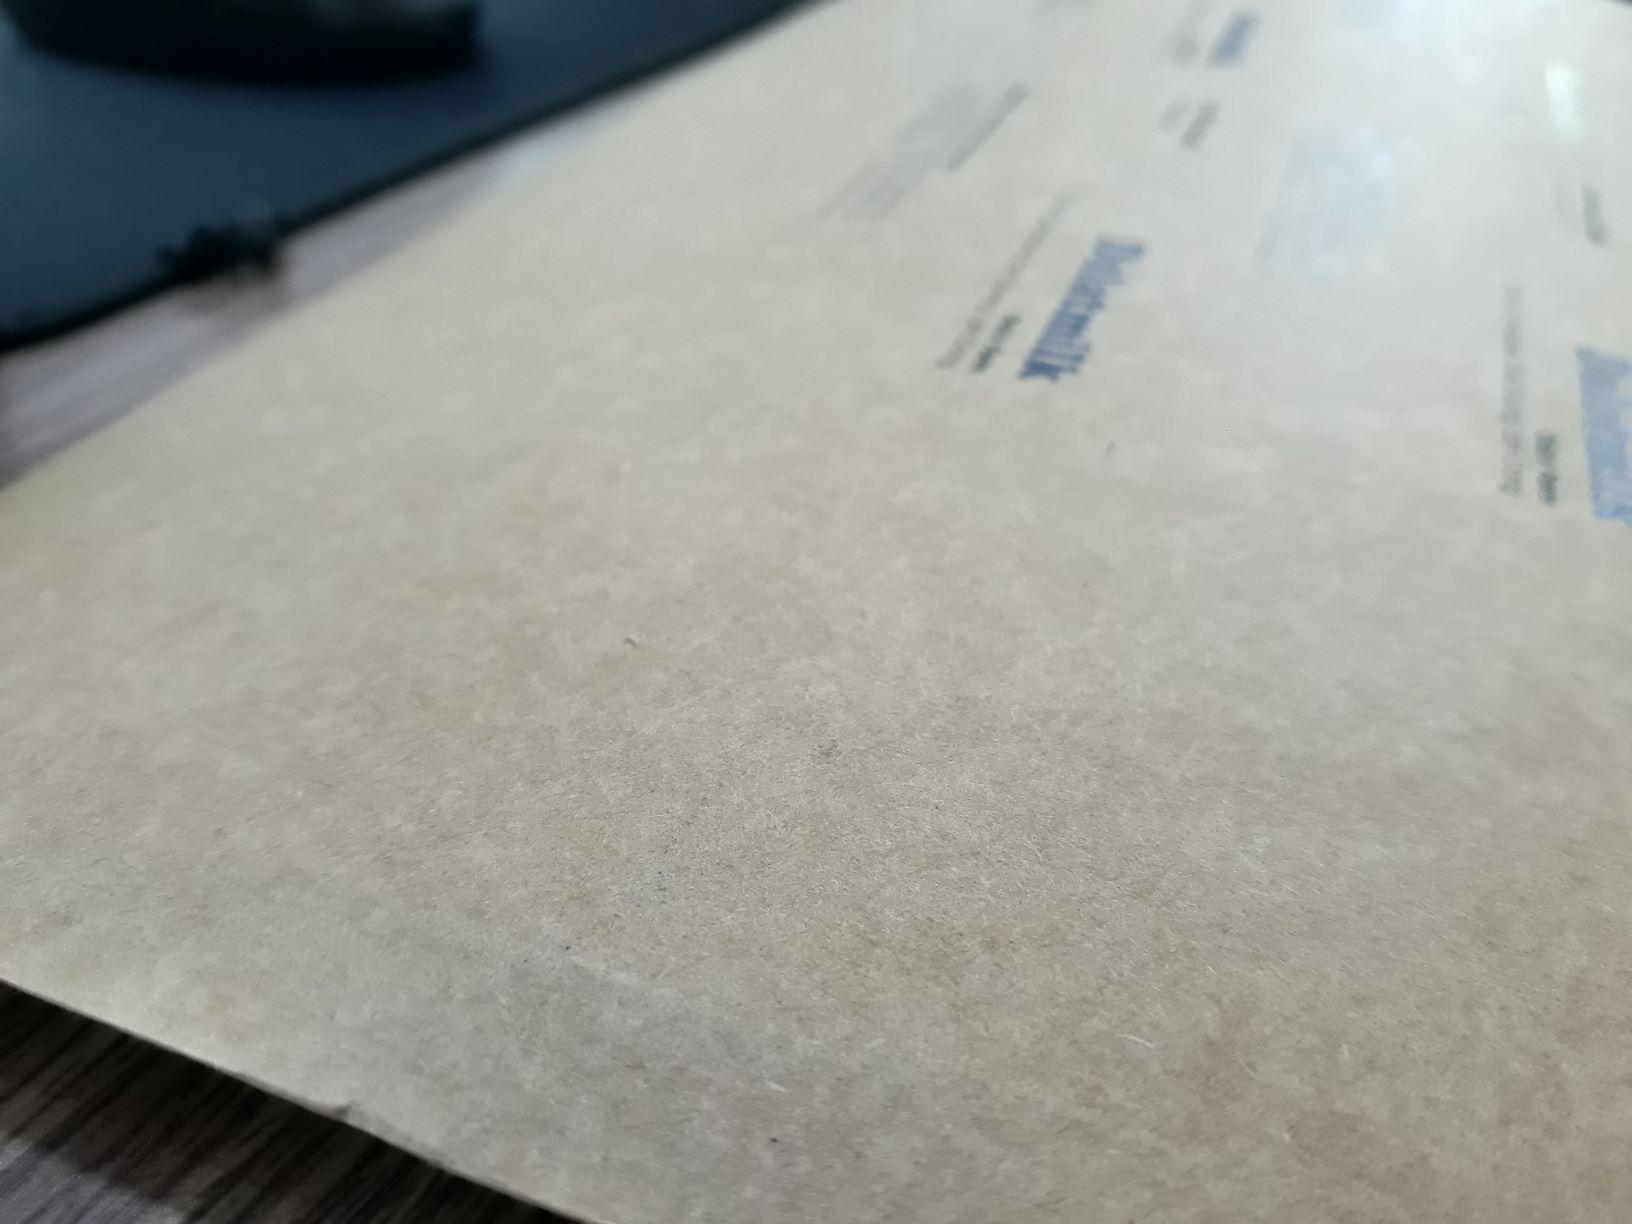 Chất liệu giấy Kraft thường dùng trong in túi giấy vì là loại giấy tái chế thân thiện môi trường